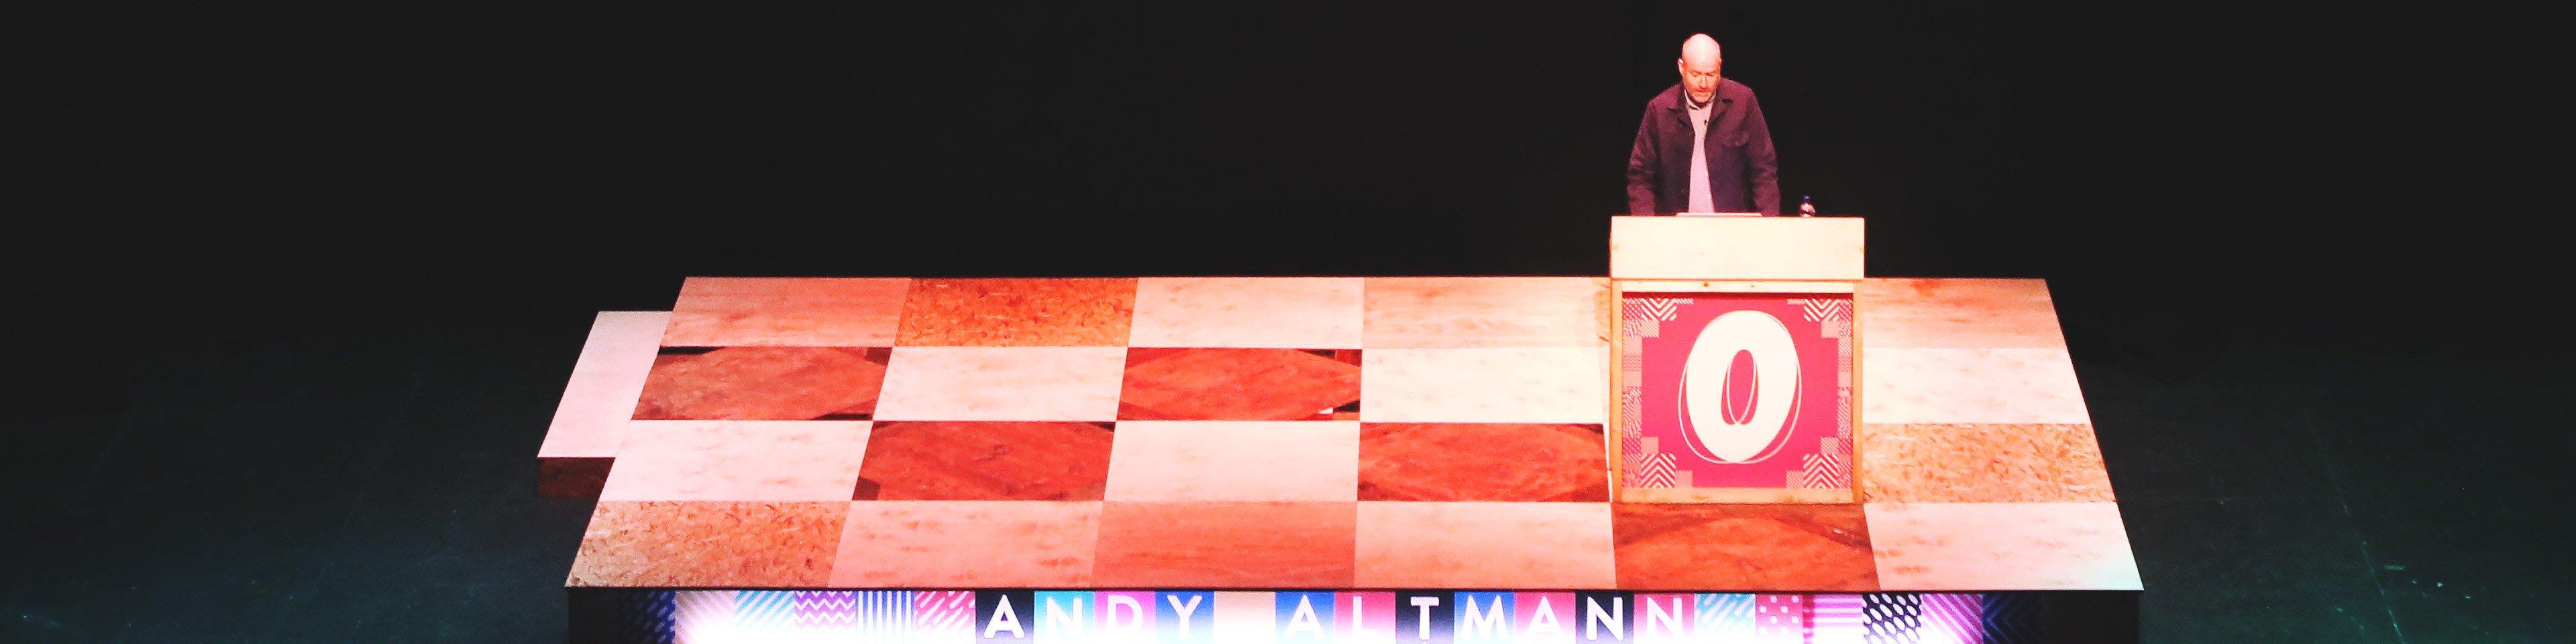 Andy Altmann at OFFSET 2015